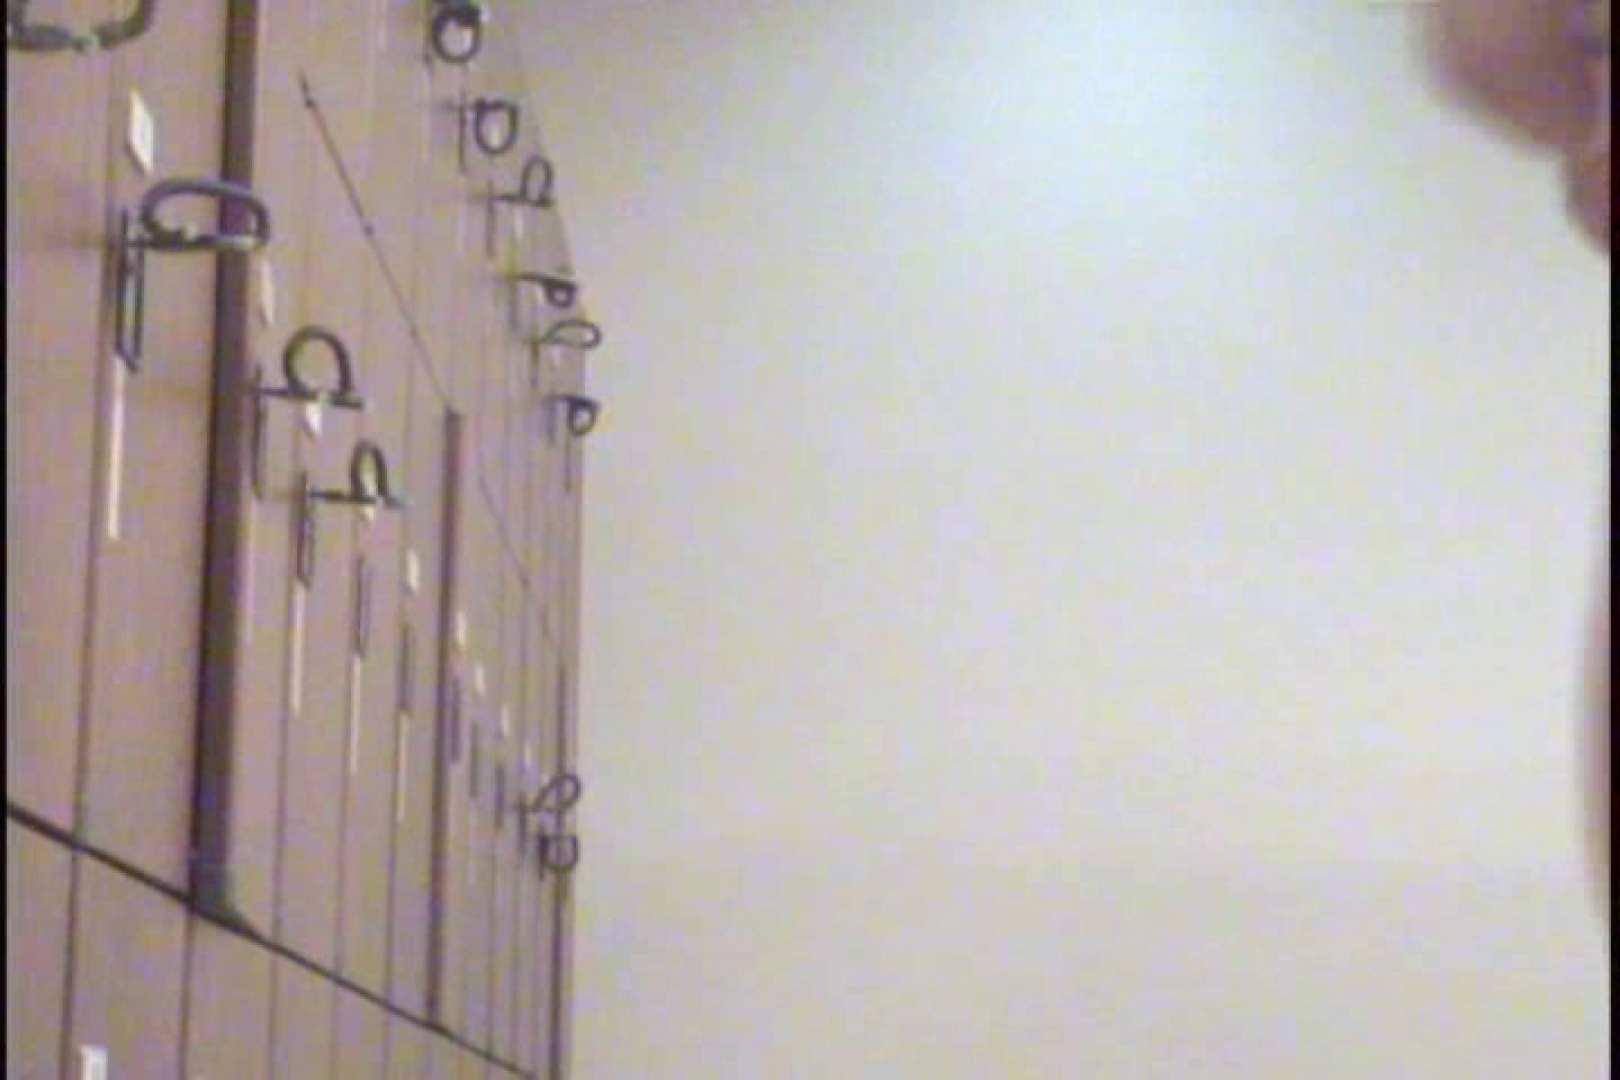 果実の泉 vol.6 美女すけべ画像 | OLすけべ画像  49連発 13